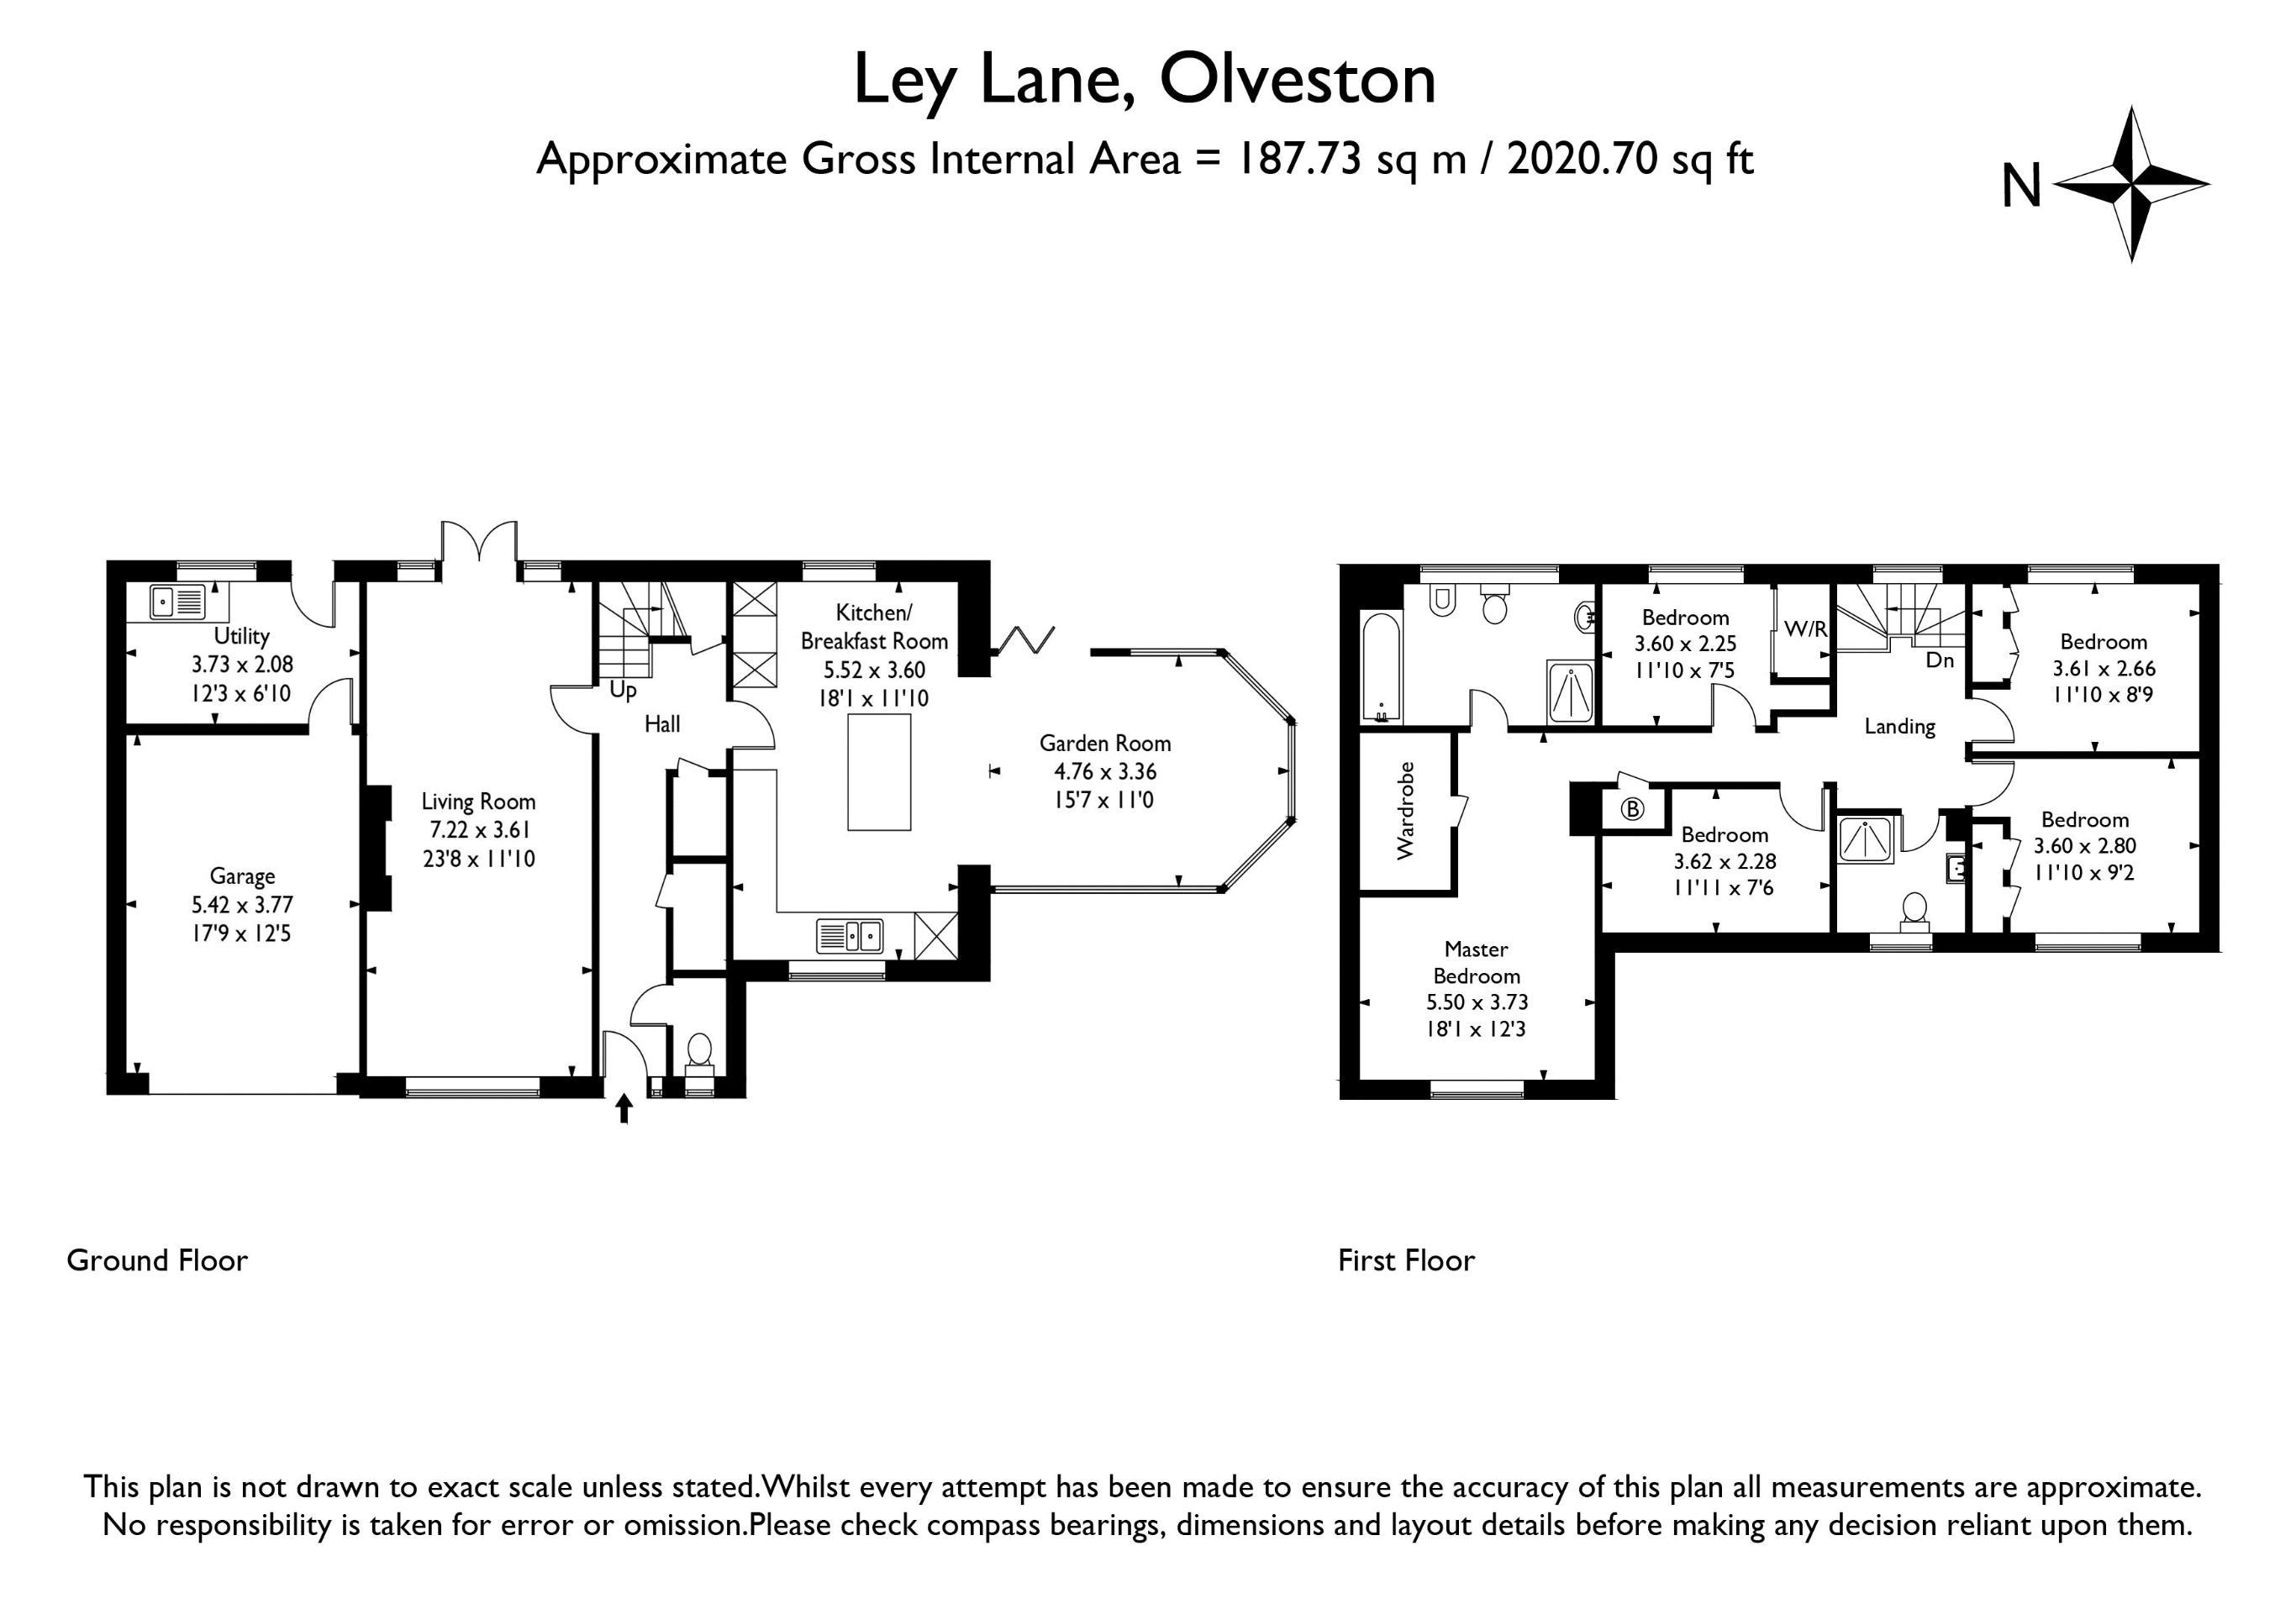 Ley Lane Olveston